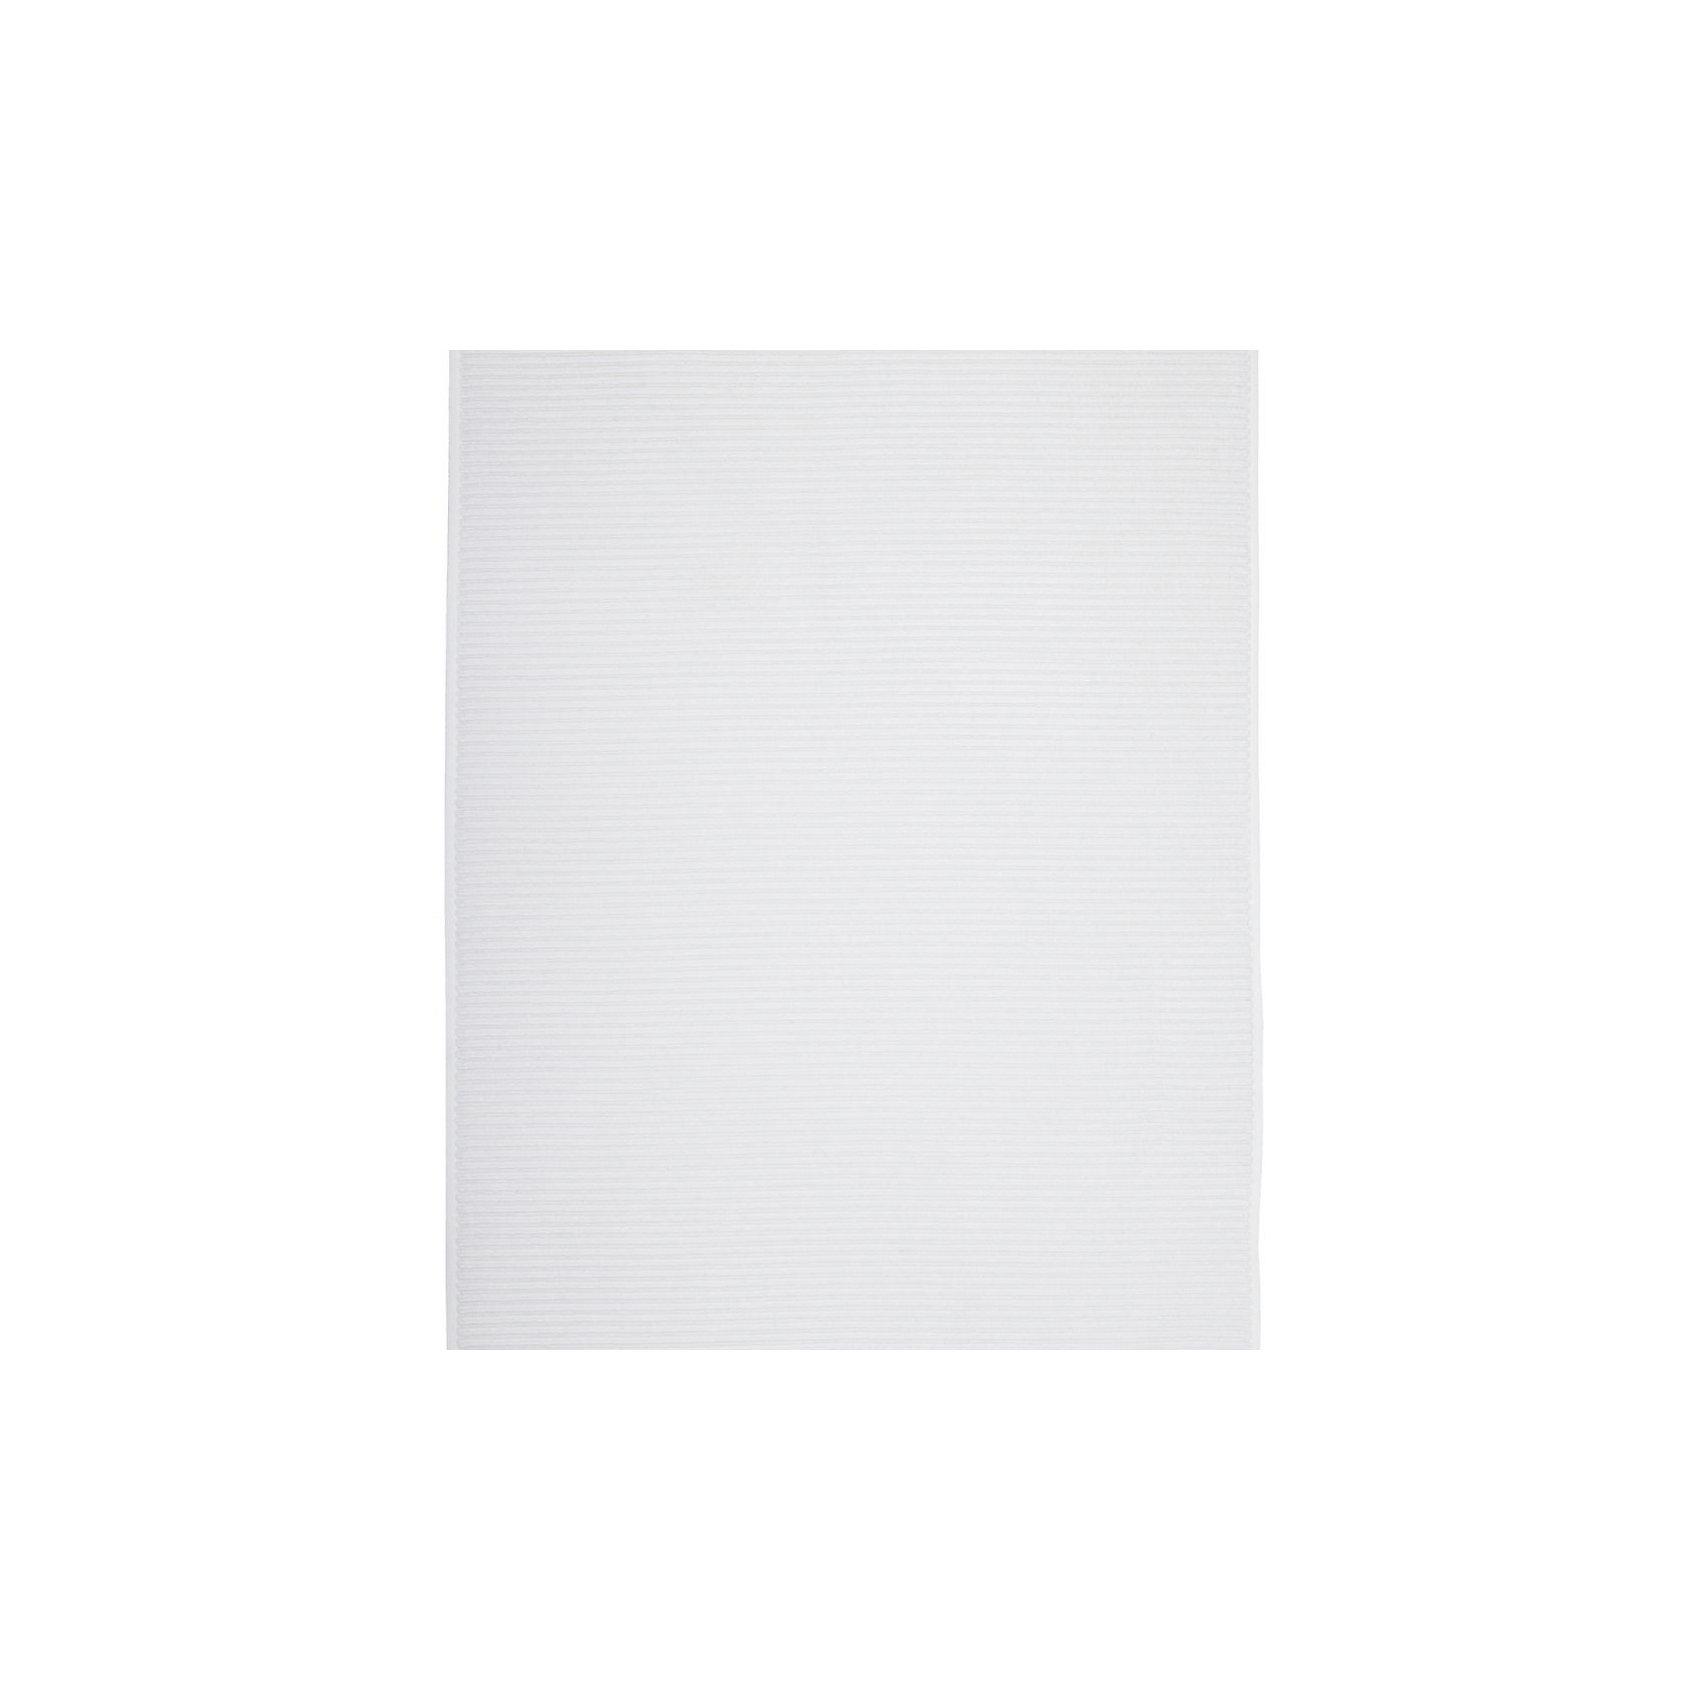 Полотенце для ног махровое Maison Bambu, 50*70, TAC, кремовый (ekru)Ванная комната<br>Характеристики:<br><br>• Вид домашнего текстиля: махровое полотенце<br>• Размеры полотенца: 50*70 см<br>• Рисунок: без рисунка<br>• Материал: хлопок, 50% хлопок; бамбук, 50%<br>• Цвет: кремовый<br>• Плотность полотна: 850 гр/м2 <br>• Повышенные впитывающие качества<br>• Вес: 300 г<br>• Размеры упаковки (Д*Ш*В): 25*3*25 см<br>• Особенности ухода: машинная стирка <br><br>Полотенце для ног махровое Maison Bambu, 50*70, TAC, кремовый (ekru) от наиболее популярного бренда на отечественном рынке среди производителей комплектов постельного белья и текстильных принадлежностей, выпуском которого занимается производственная компания, являющаяся частью мирового холдинга Zorlu Holding Textiles Group. Полотенце выполнено из сочетания натурального хлопка и бамбукового волокна, что обеспечивает гипоаллергенность, высокую износоустойчивость, повышенные гигкоскопические и антибактериальные свойства изделия. <br><br>Благодаря высокой степени плотности махры, полотенце отлично впитывает влагу, но при этом остается мягким. Ворс окрашен стойкими нетоксичными красителями, который не оставляет запаха и обеспечивает ровный окрас. Полотенце сохраняет свой цвет и форму даже при частых стирках. Выполнено в кремовом цвете без рисунка. <br><br>Полотенце для ног махровое Maison Bambu, 50*70, TAC, кремовый (ekru) можно купить в нашем интернет-магазине.<br><br>Ширина мм: 250<br>Глубина мм: 30<br>Высота мм: 250<br>Вес г: 400<br>Возраст от месяцев: 216<br>Возраст до месяцев: 1188<br>Пол: Унисекс<br>Возраст: Детский<br>SKU: 5476343